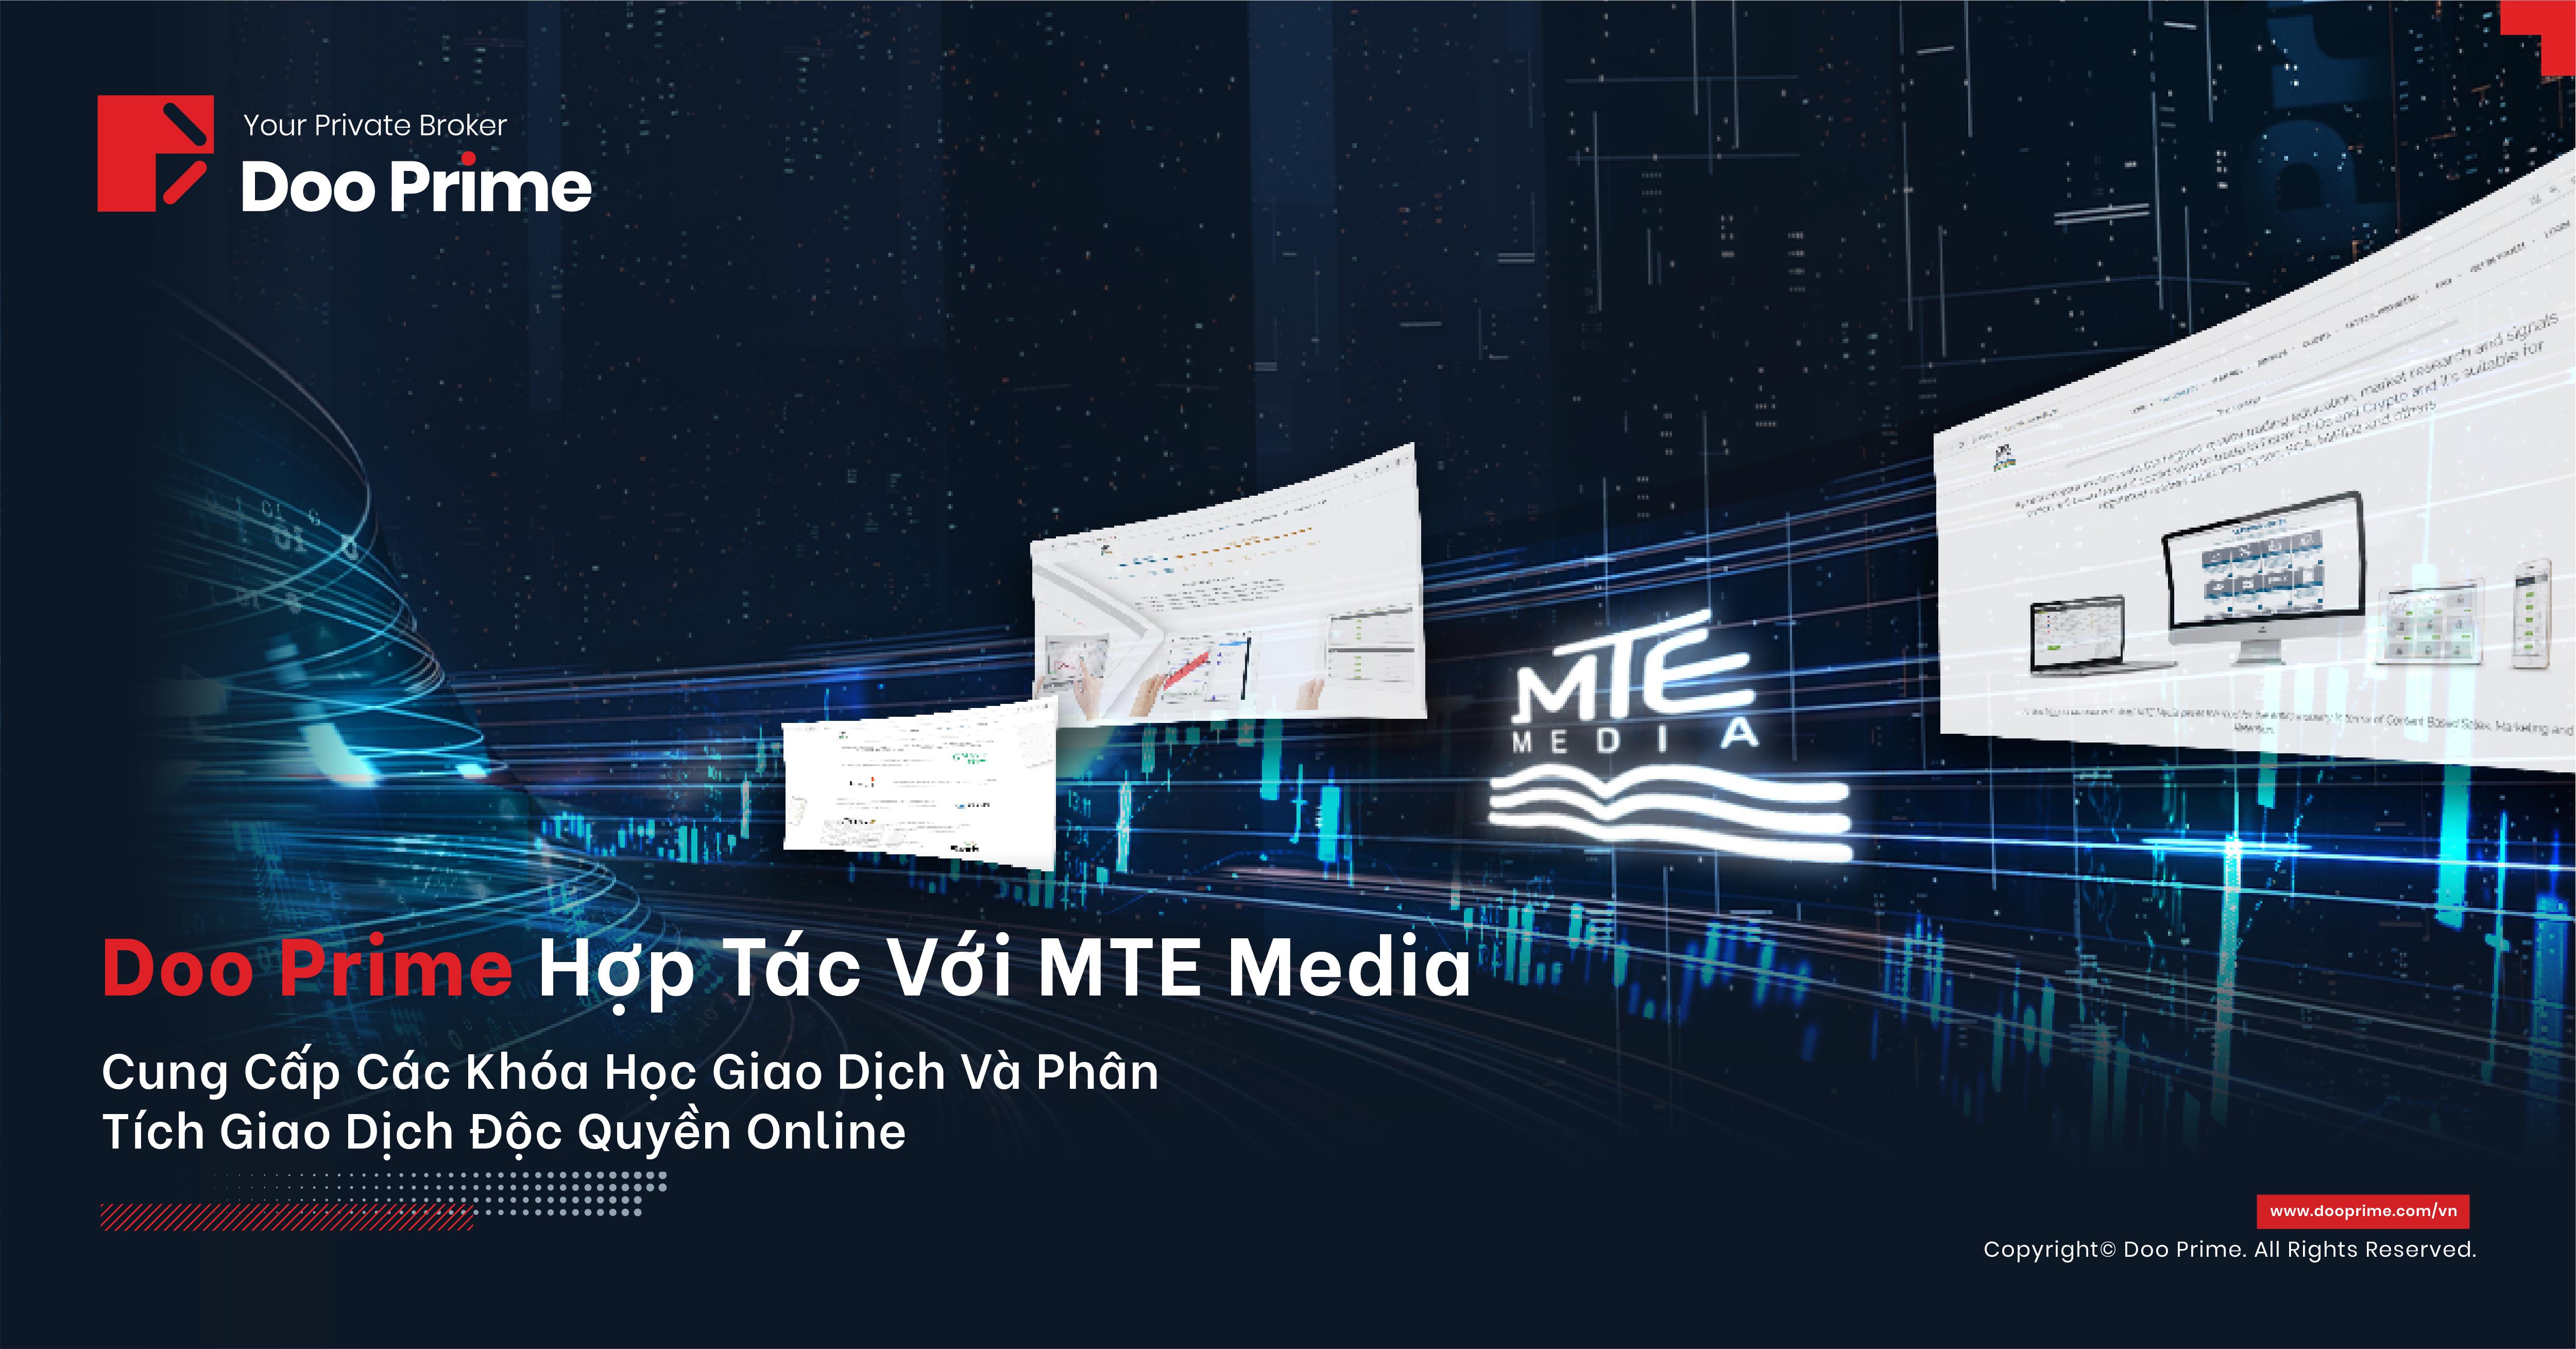 Doo Prime hợp tác với MTE Media để cung cấp các khóa học giao dịch trực tuyến độc quyền và phân tích